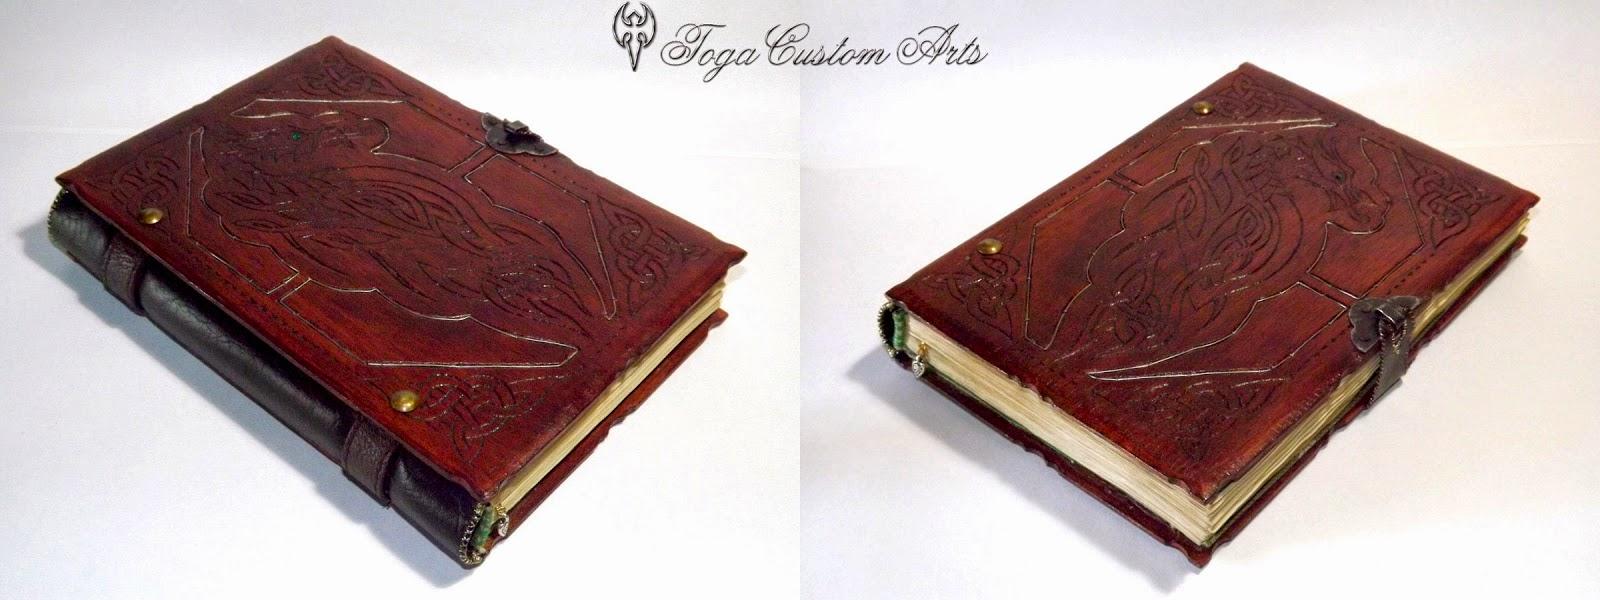 C mo hacer libros cuadernos artesanales tutorial de - Como hacer un libro antiguo ...